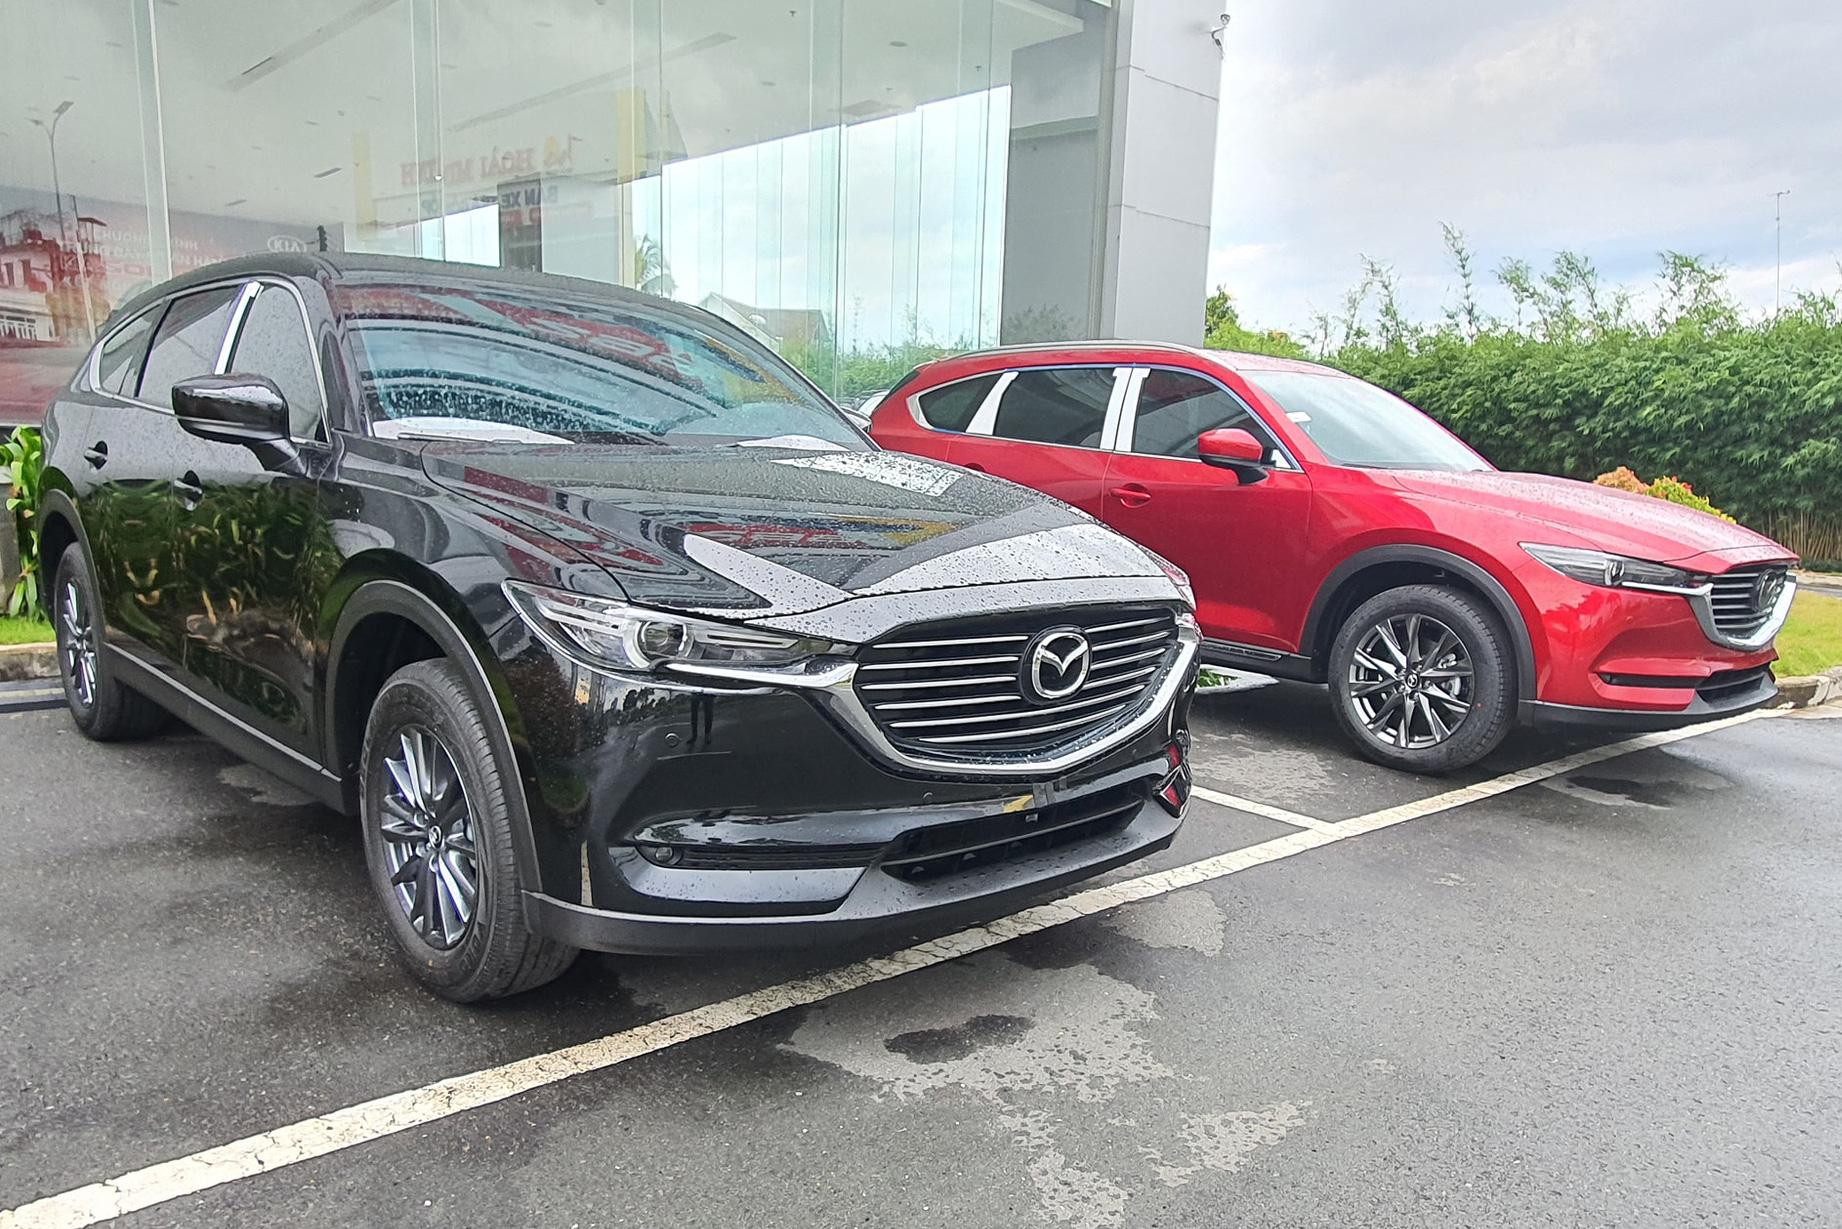 Vừa giảm giá sốc, Mazda CX-8 tiếp tục bổ sung trang bị quyết đấu Toyota Fortuner